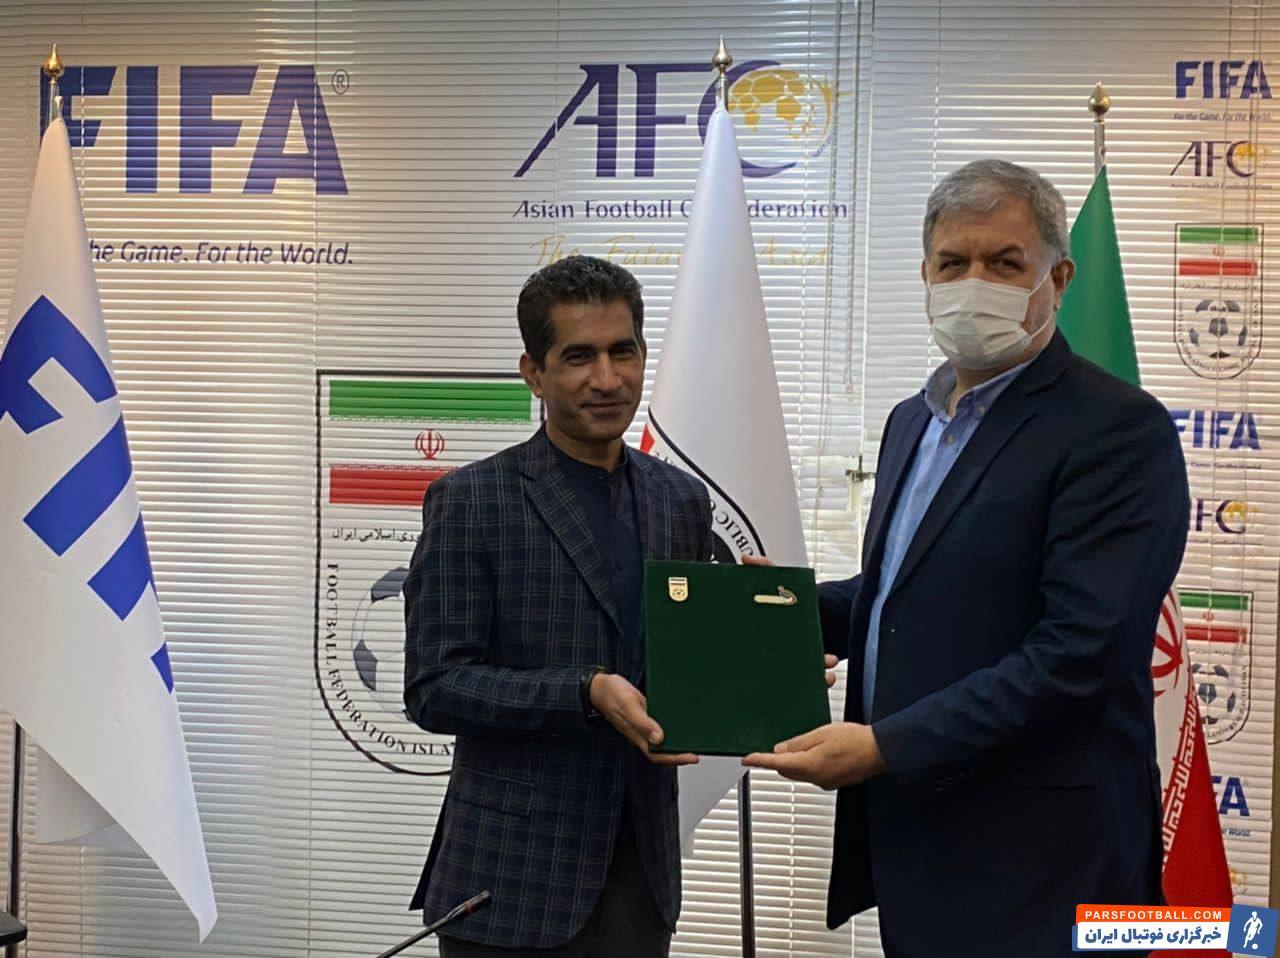 سعید عباسی که دوران موفقی را در تراکتور و آلومینیوم اراک در کارنامه اش ثبت کرد حالا در سمت جدید در فوتبال خواهد بود.